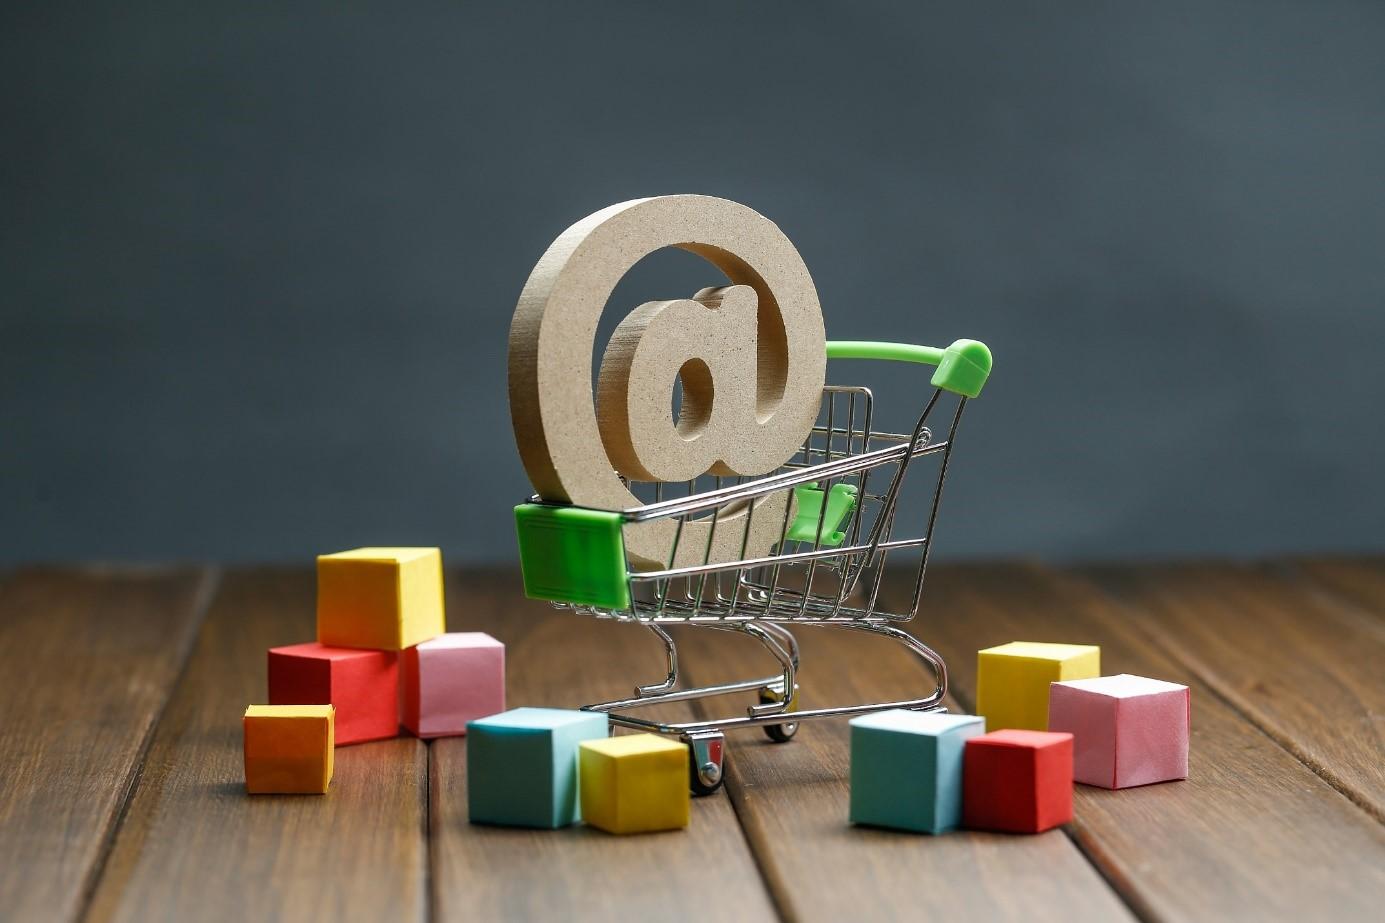 طراحی سایت فروشگاهی | شرایط یک فروشگاه آنلاین حرفهای + روش مطمئن طراحی سایت